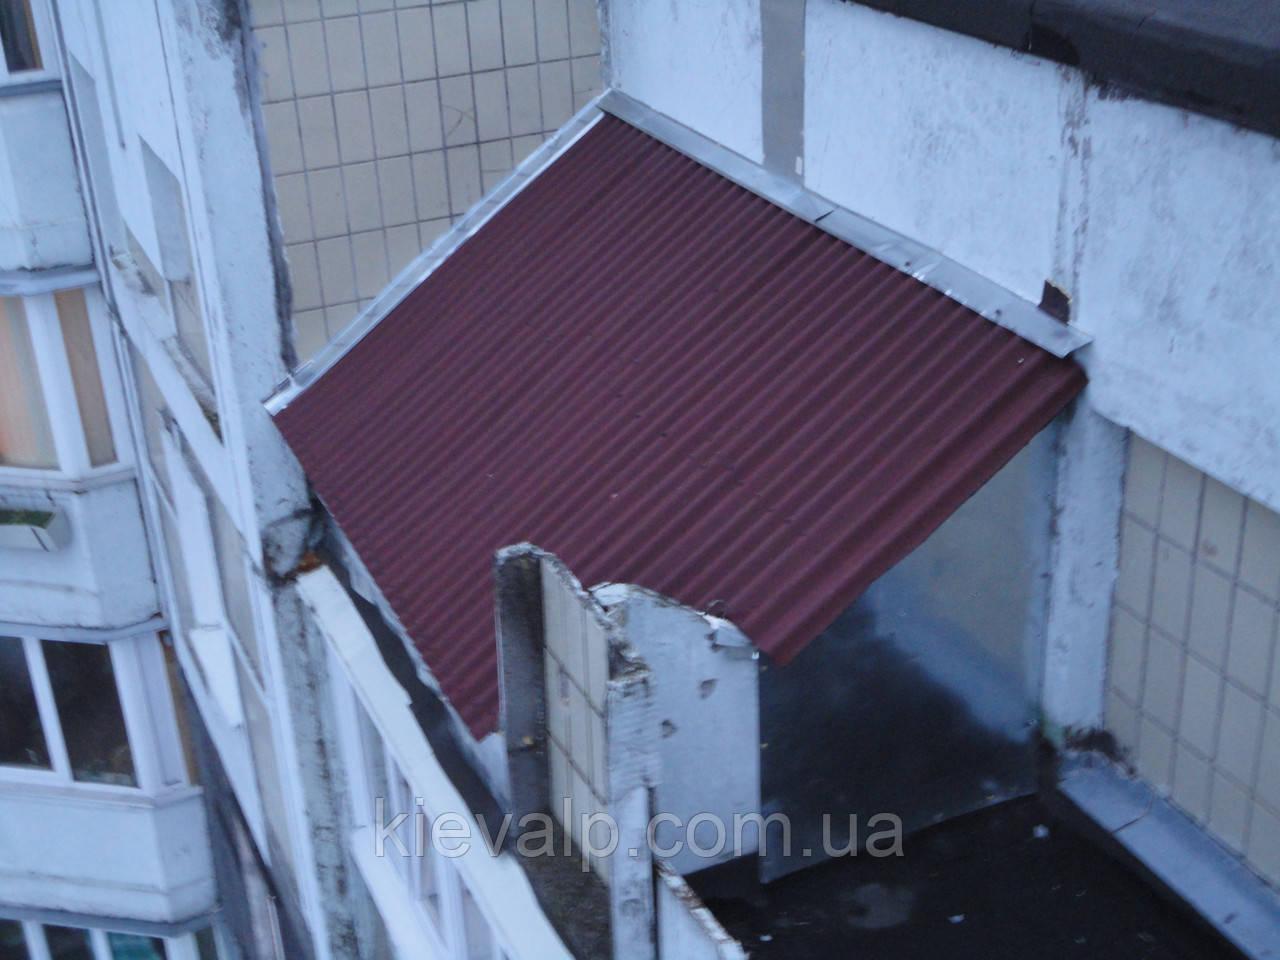 Козырёк над балконом